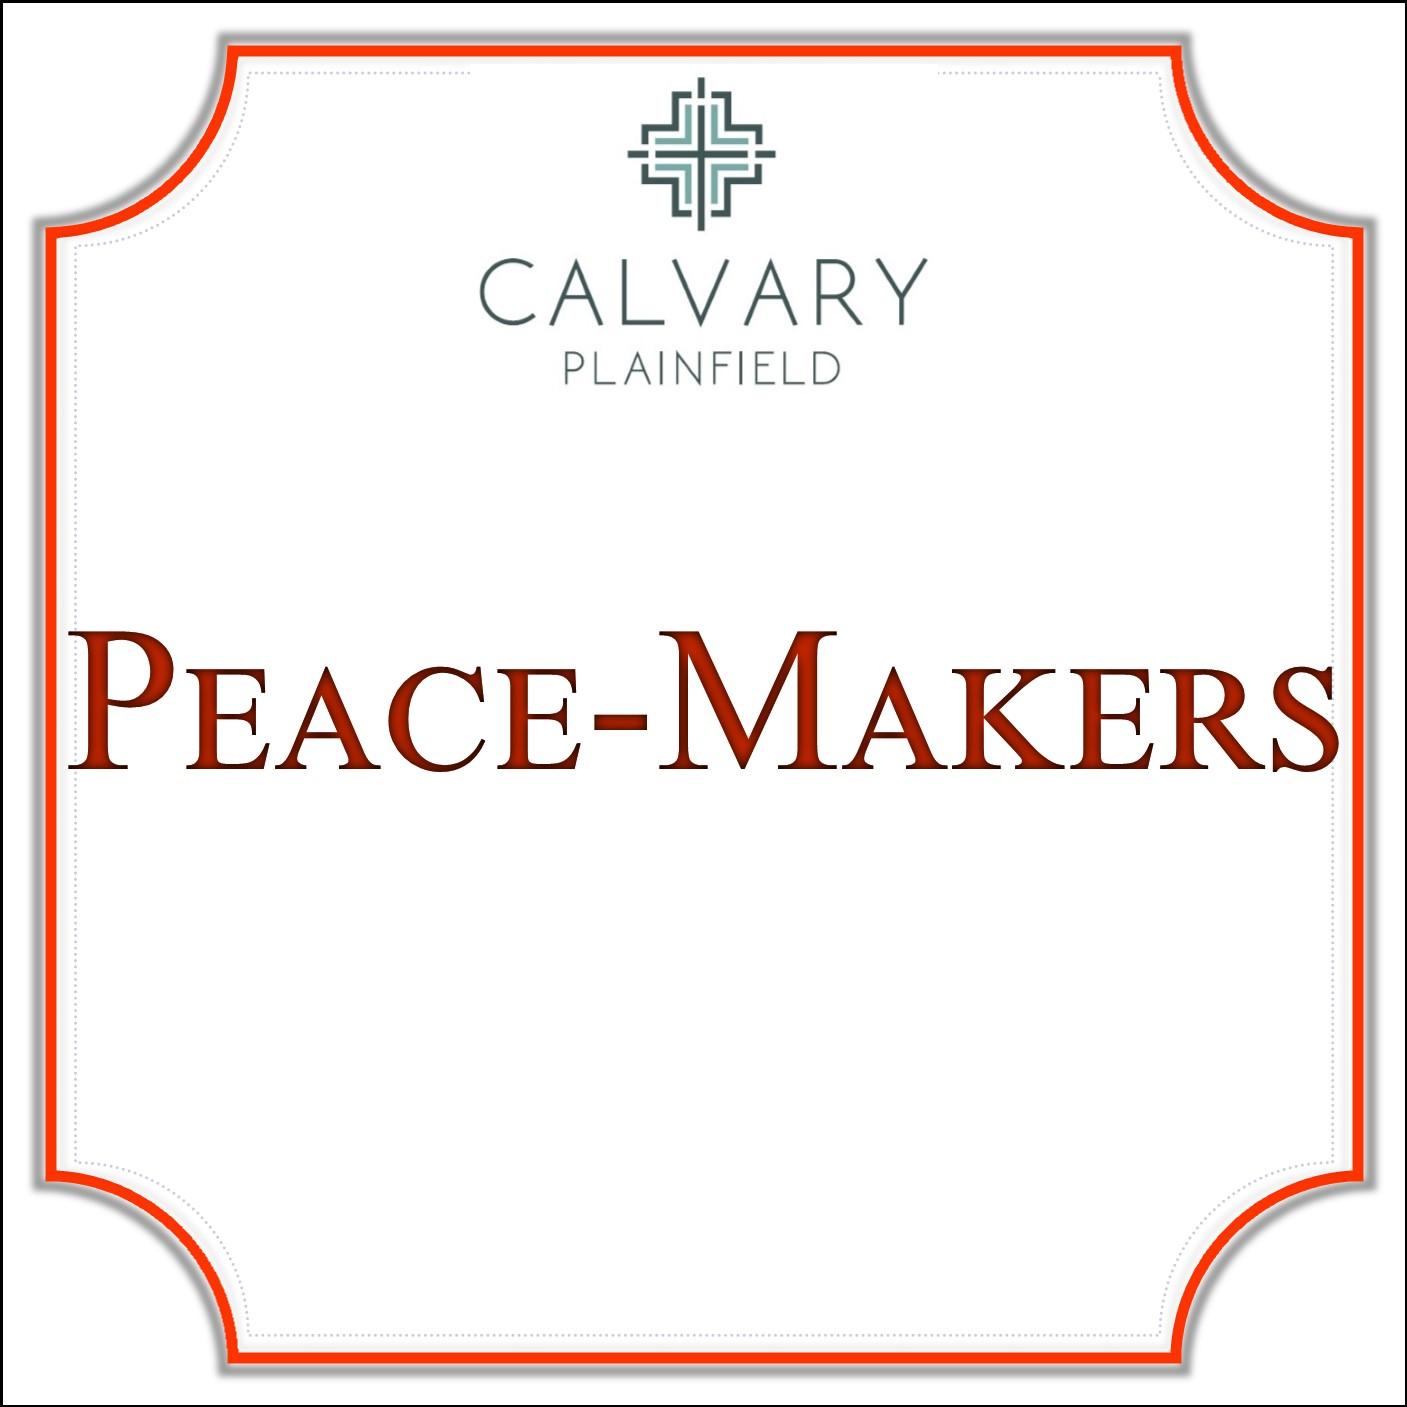 Peace-Makers.jpg